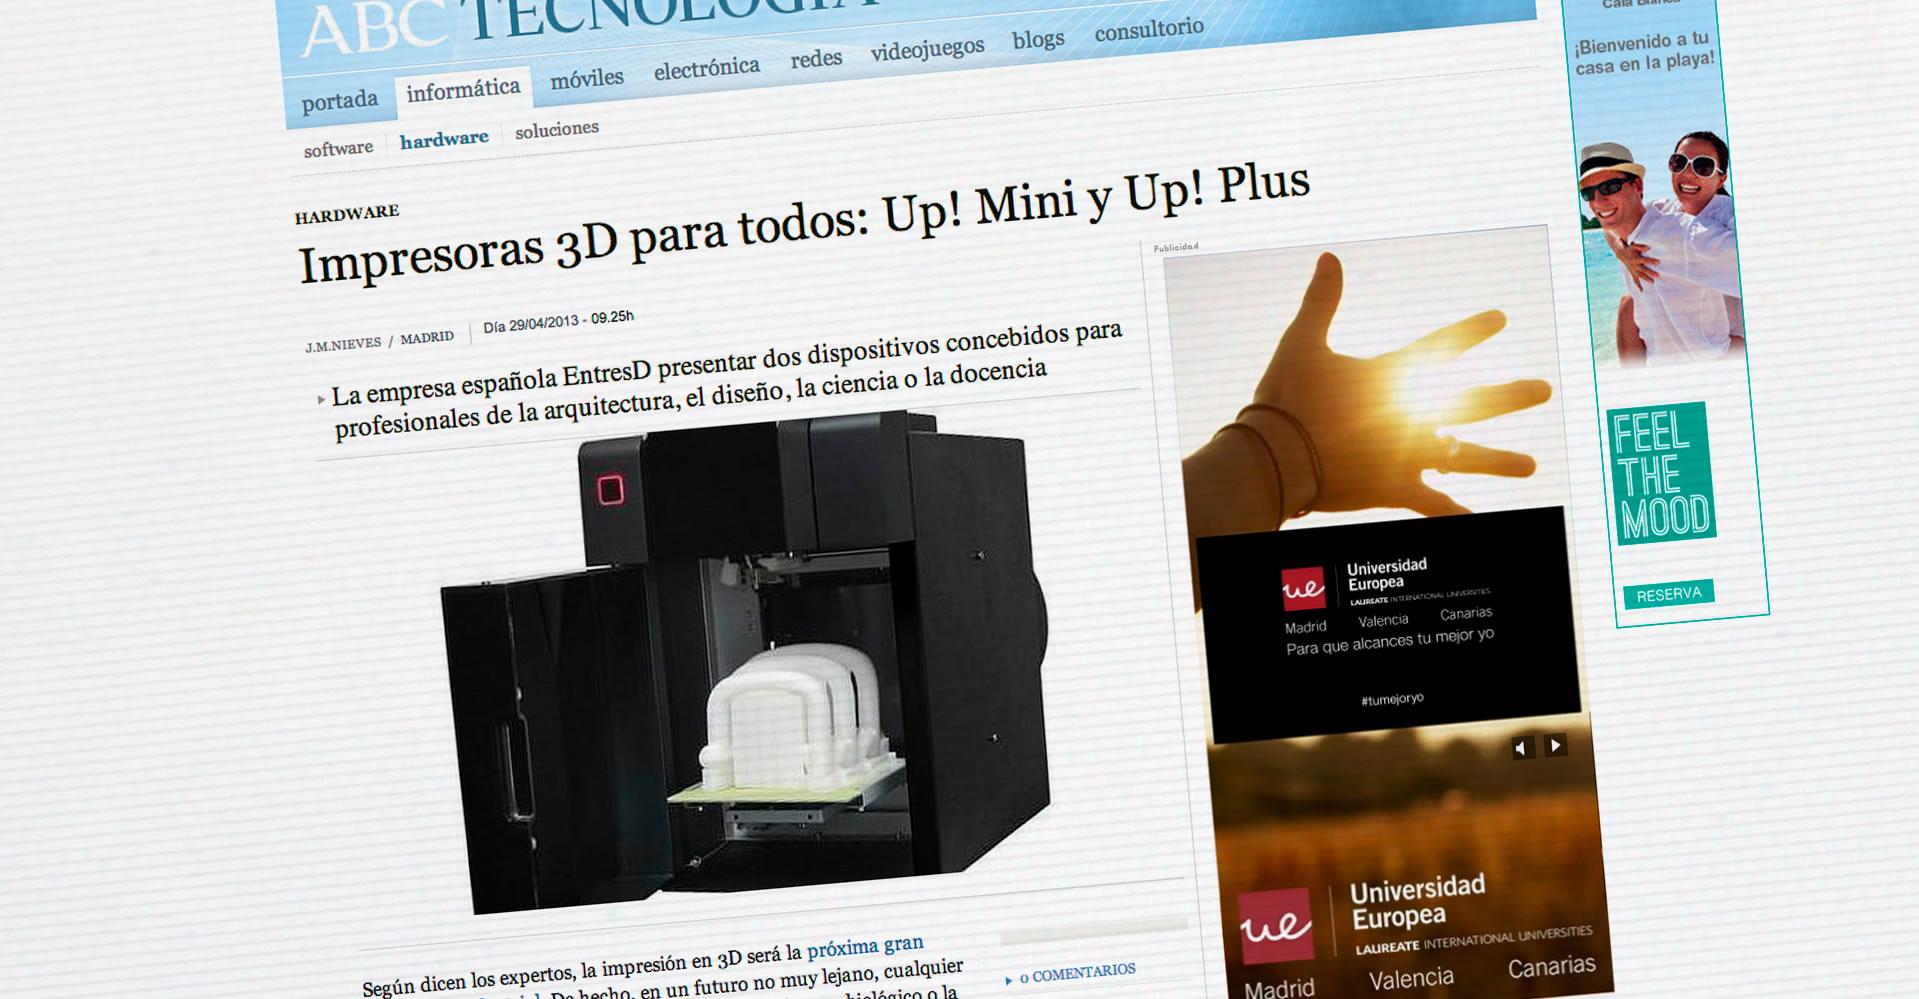 Impresoras 3D para todos: Up! Mini y Up! Plus. ABC Tecnología